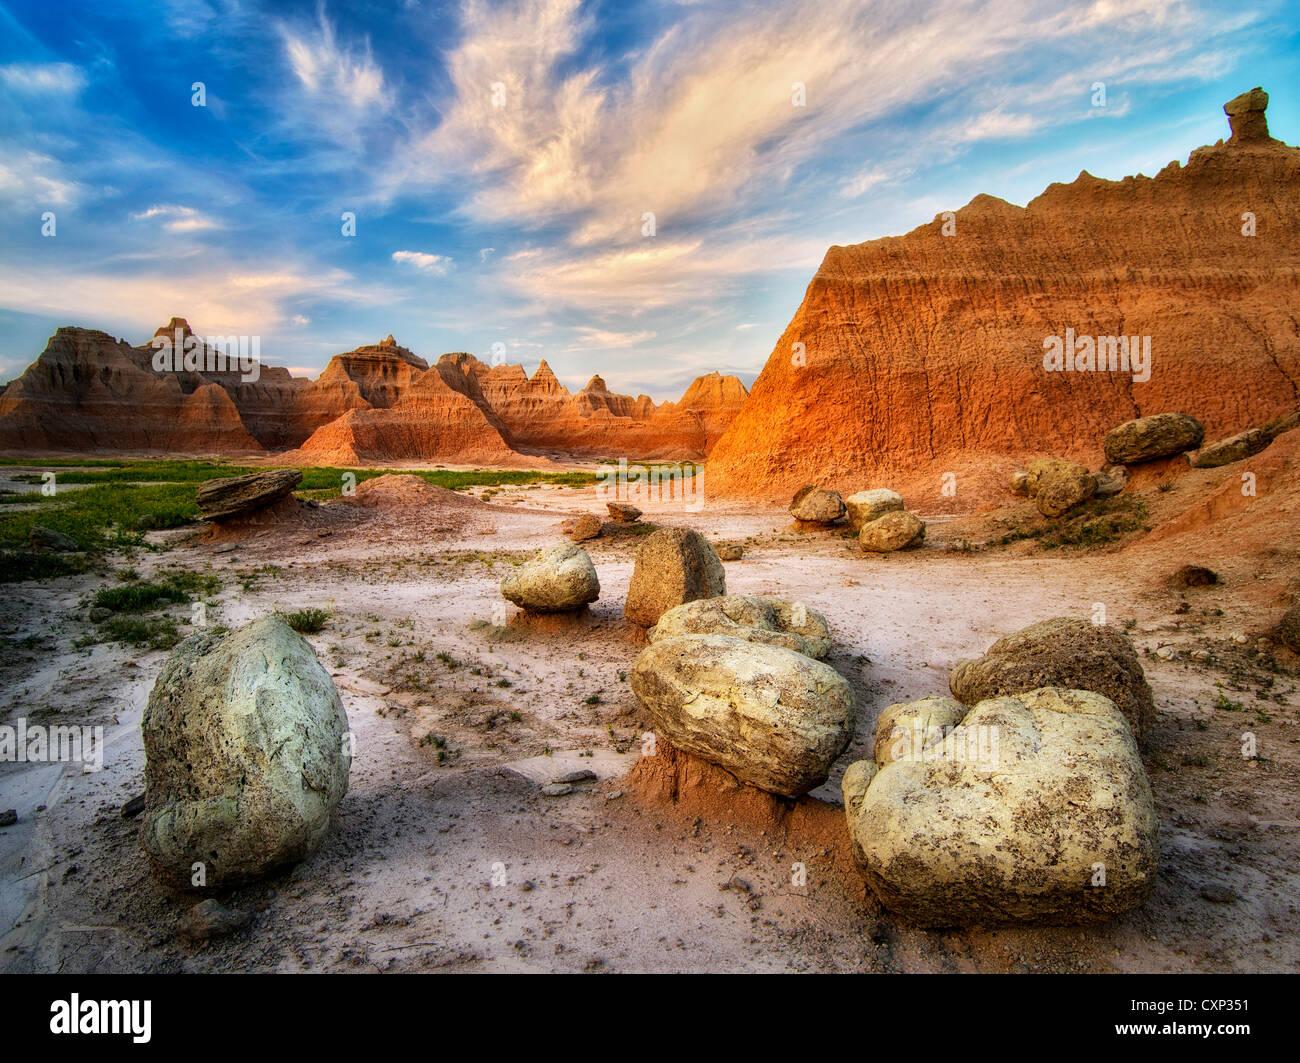 Grandes piedras y formaciones rocosas en el amanecer. El Parque Nacional Badlands, Dakota del Sur. Imagen De Stock